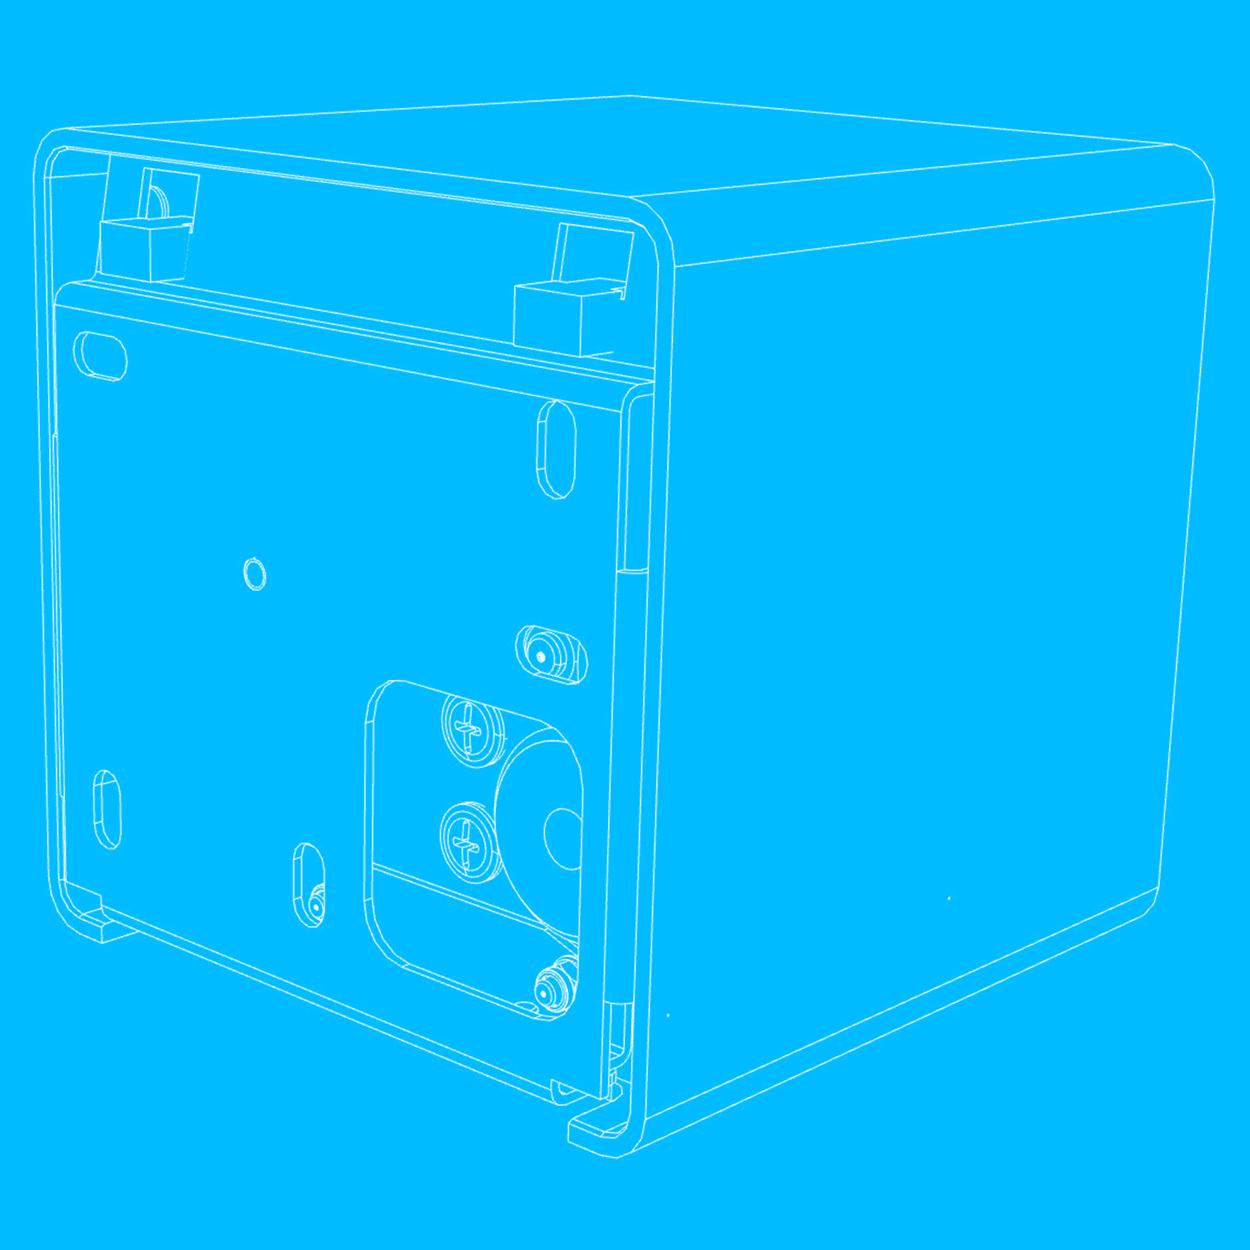 Enomics Boxen, Technische Zeichnung, Rückseite